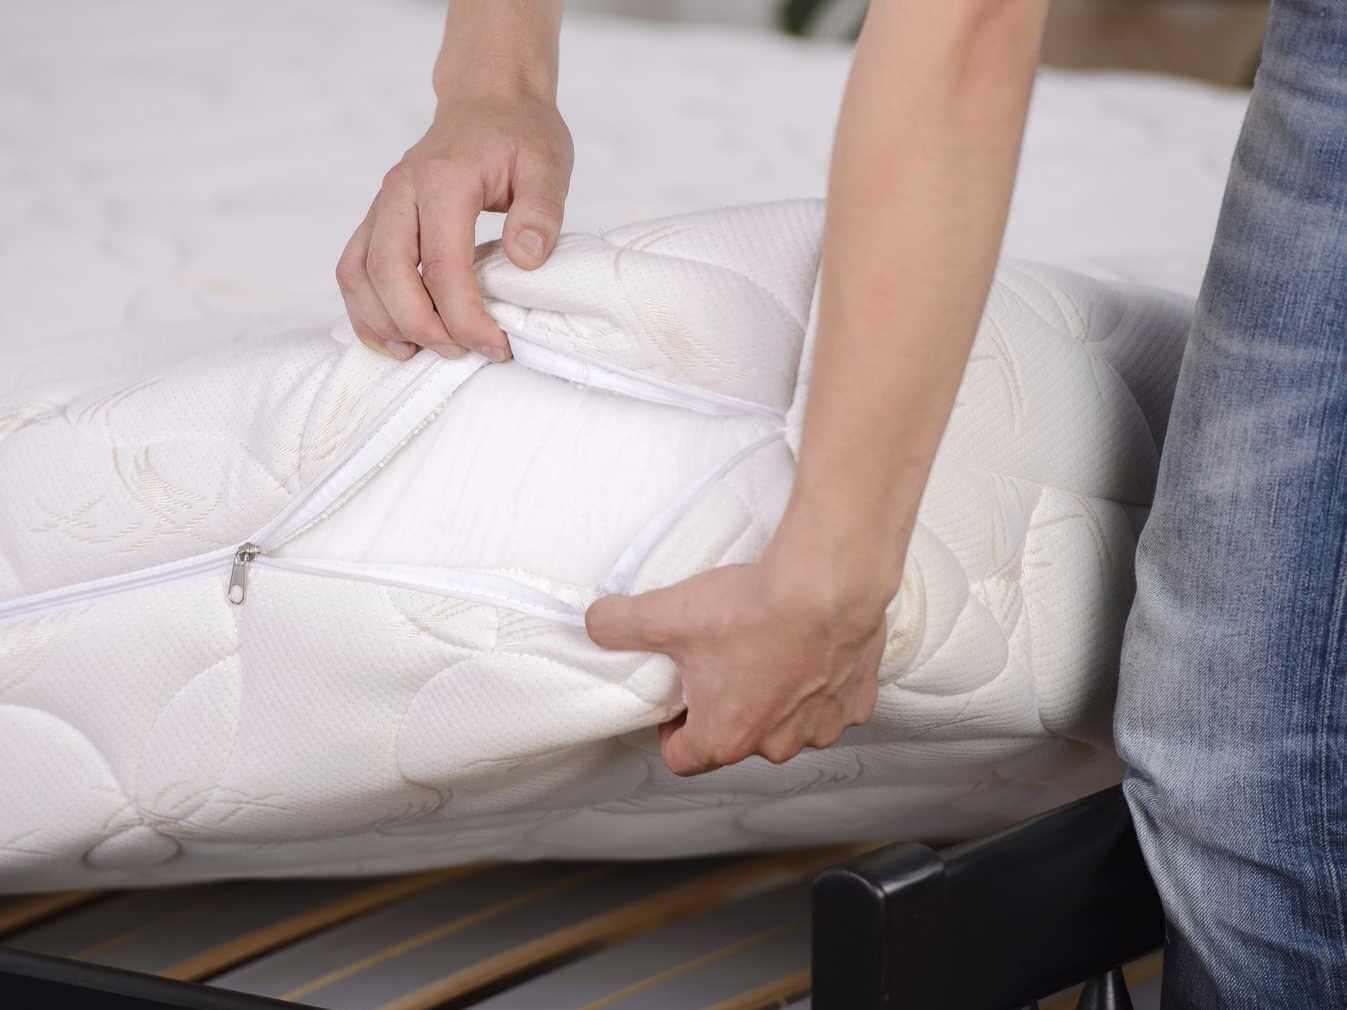 Don't grab an old mattress, no matter how cheap it is.